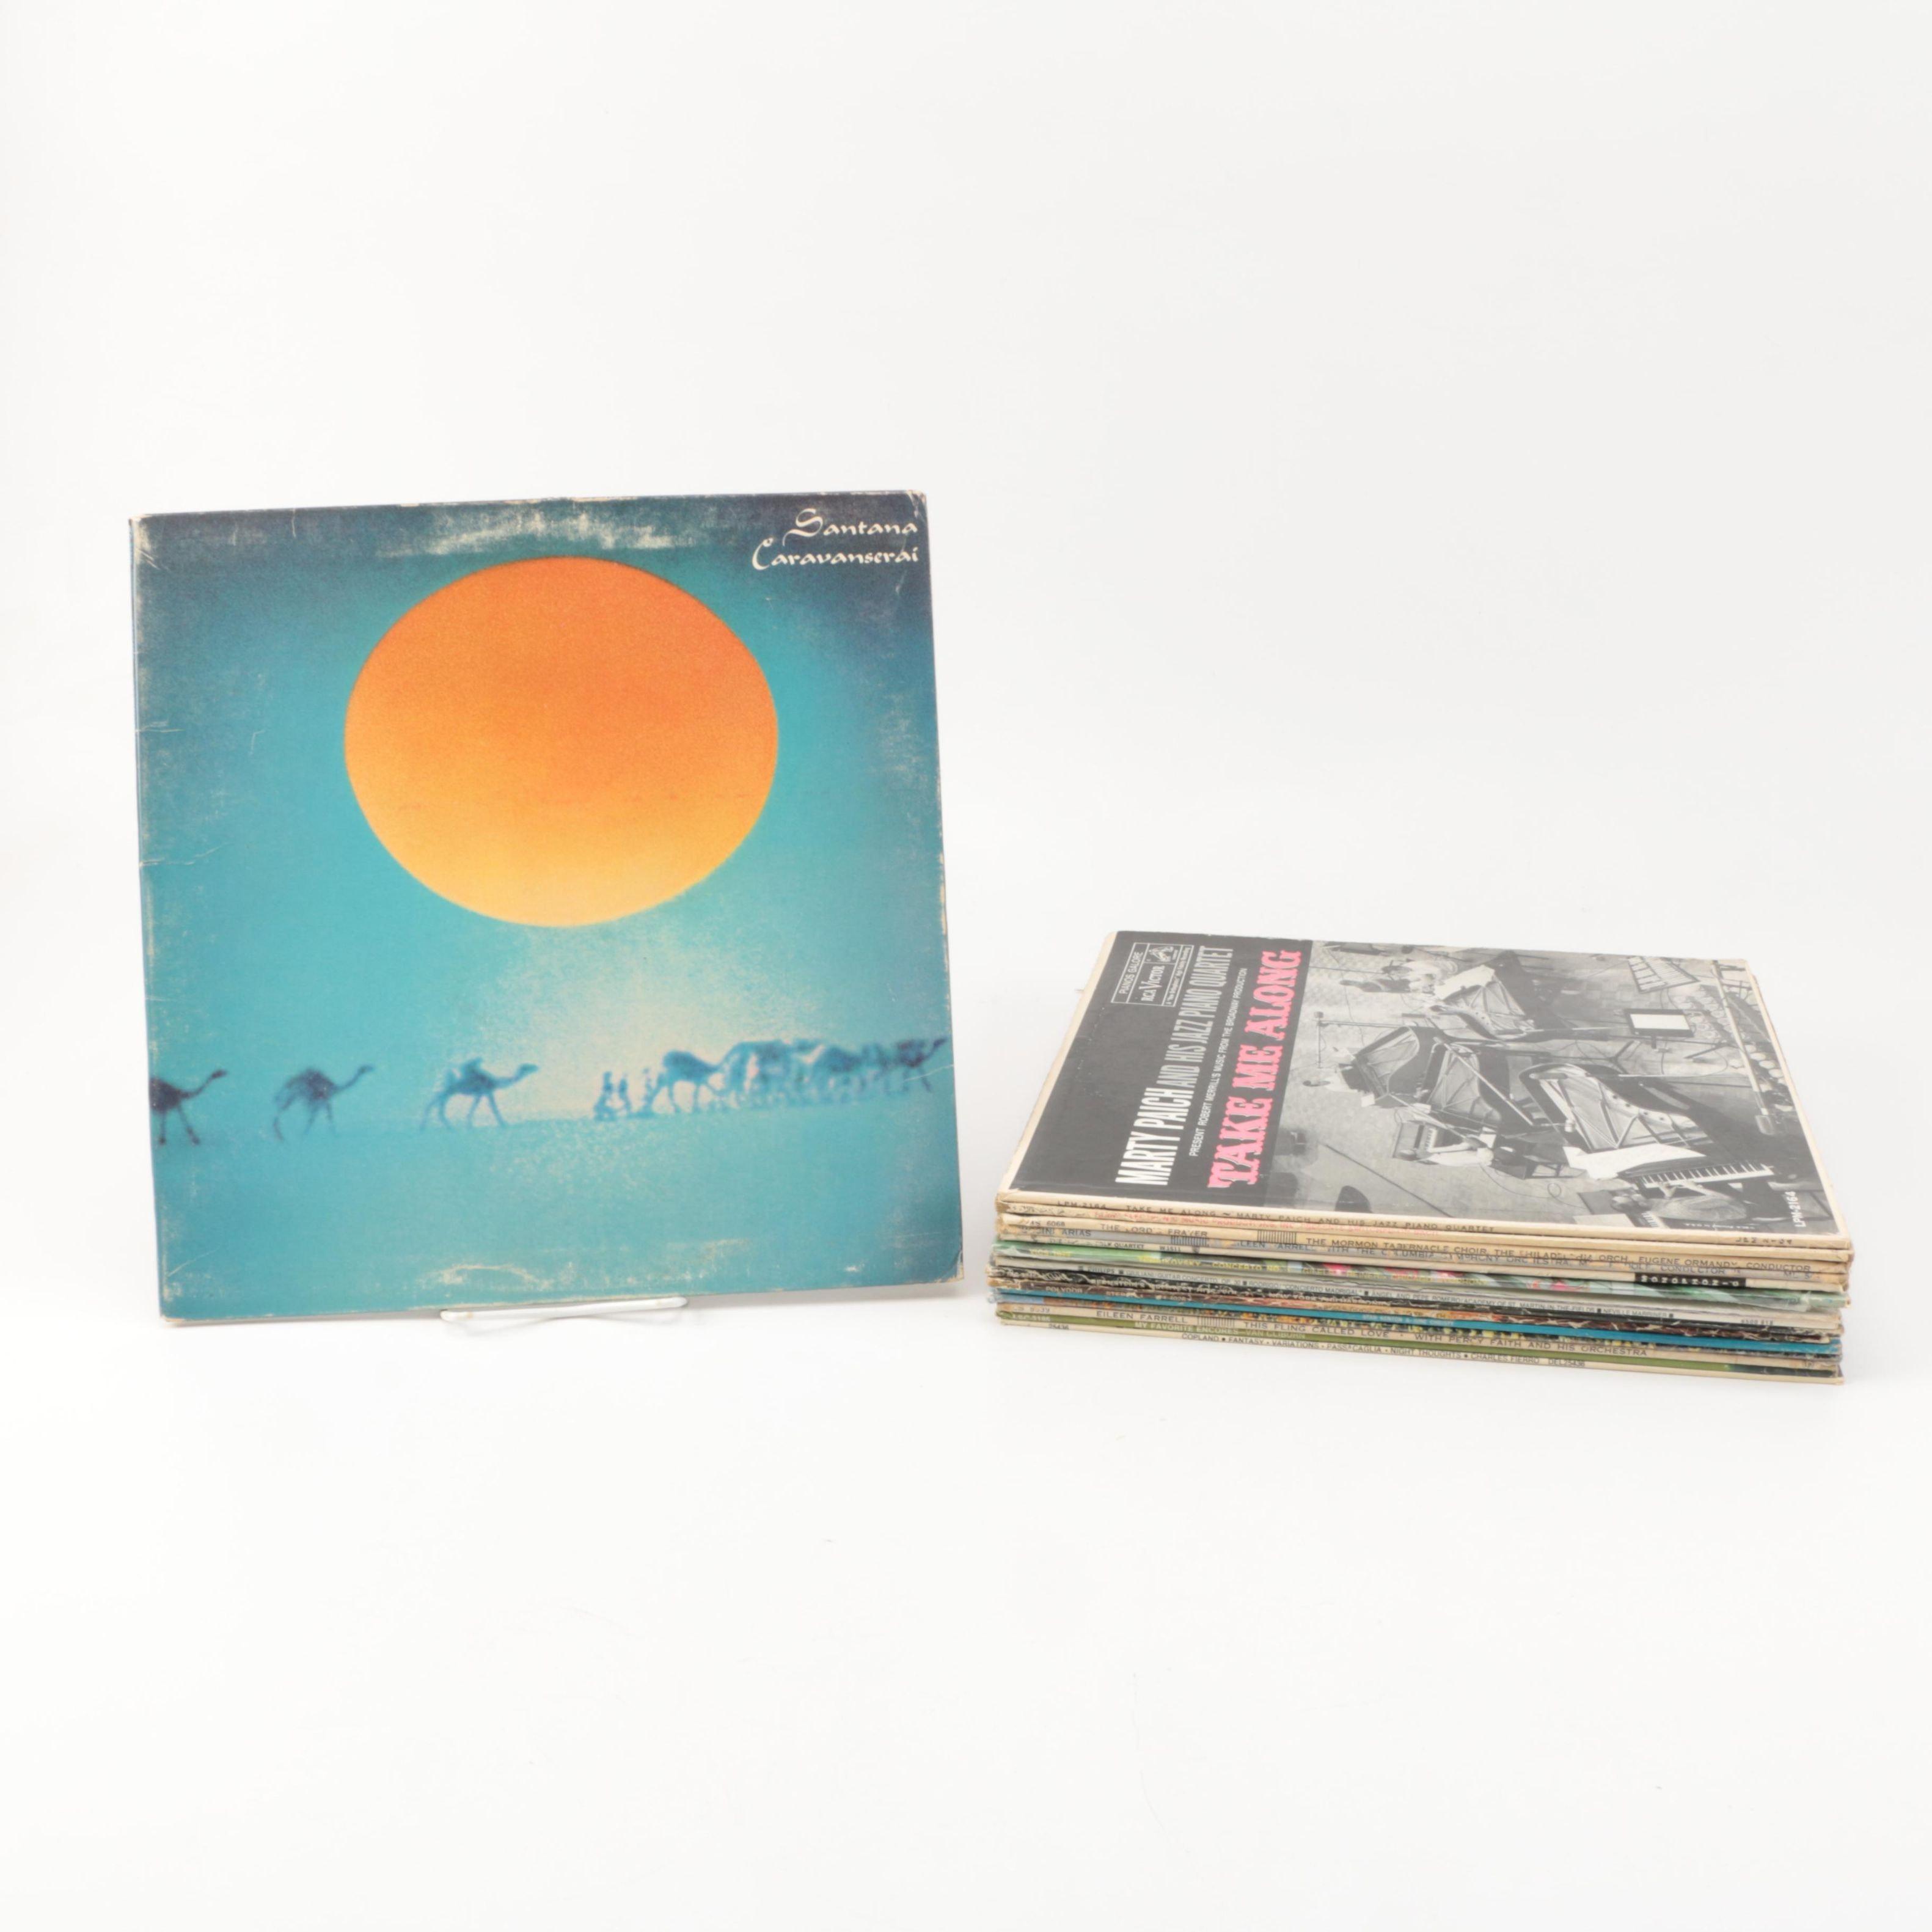 Tchaikovsky, Bernstein and Other Vintage LPs